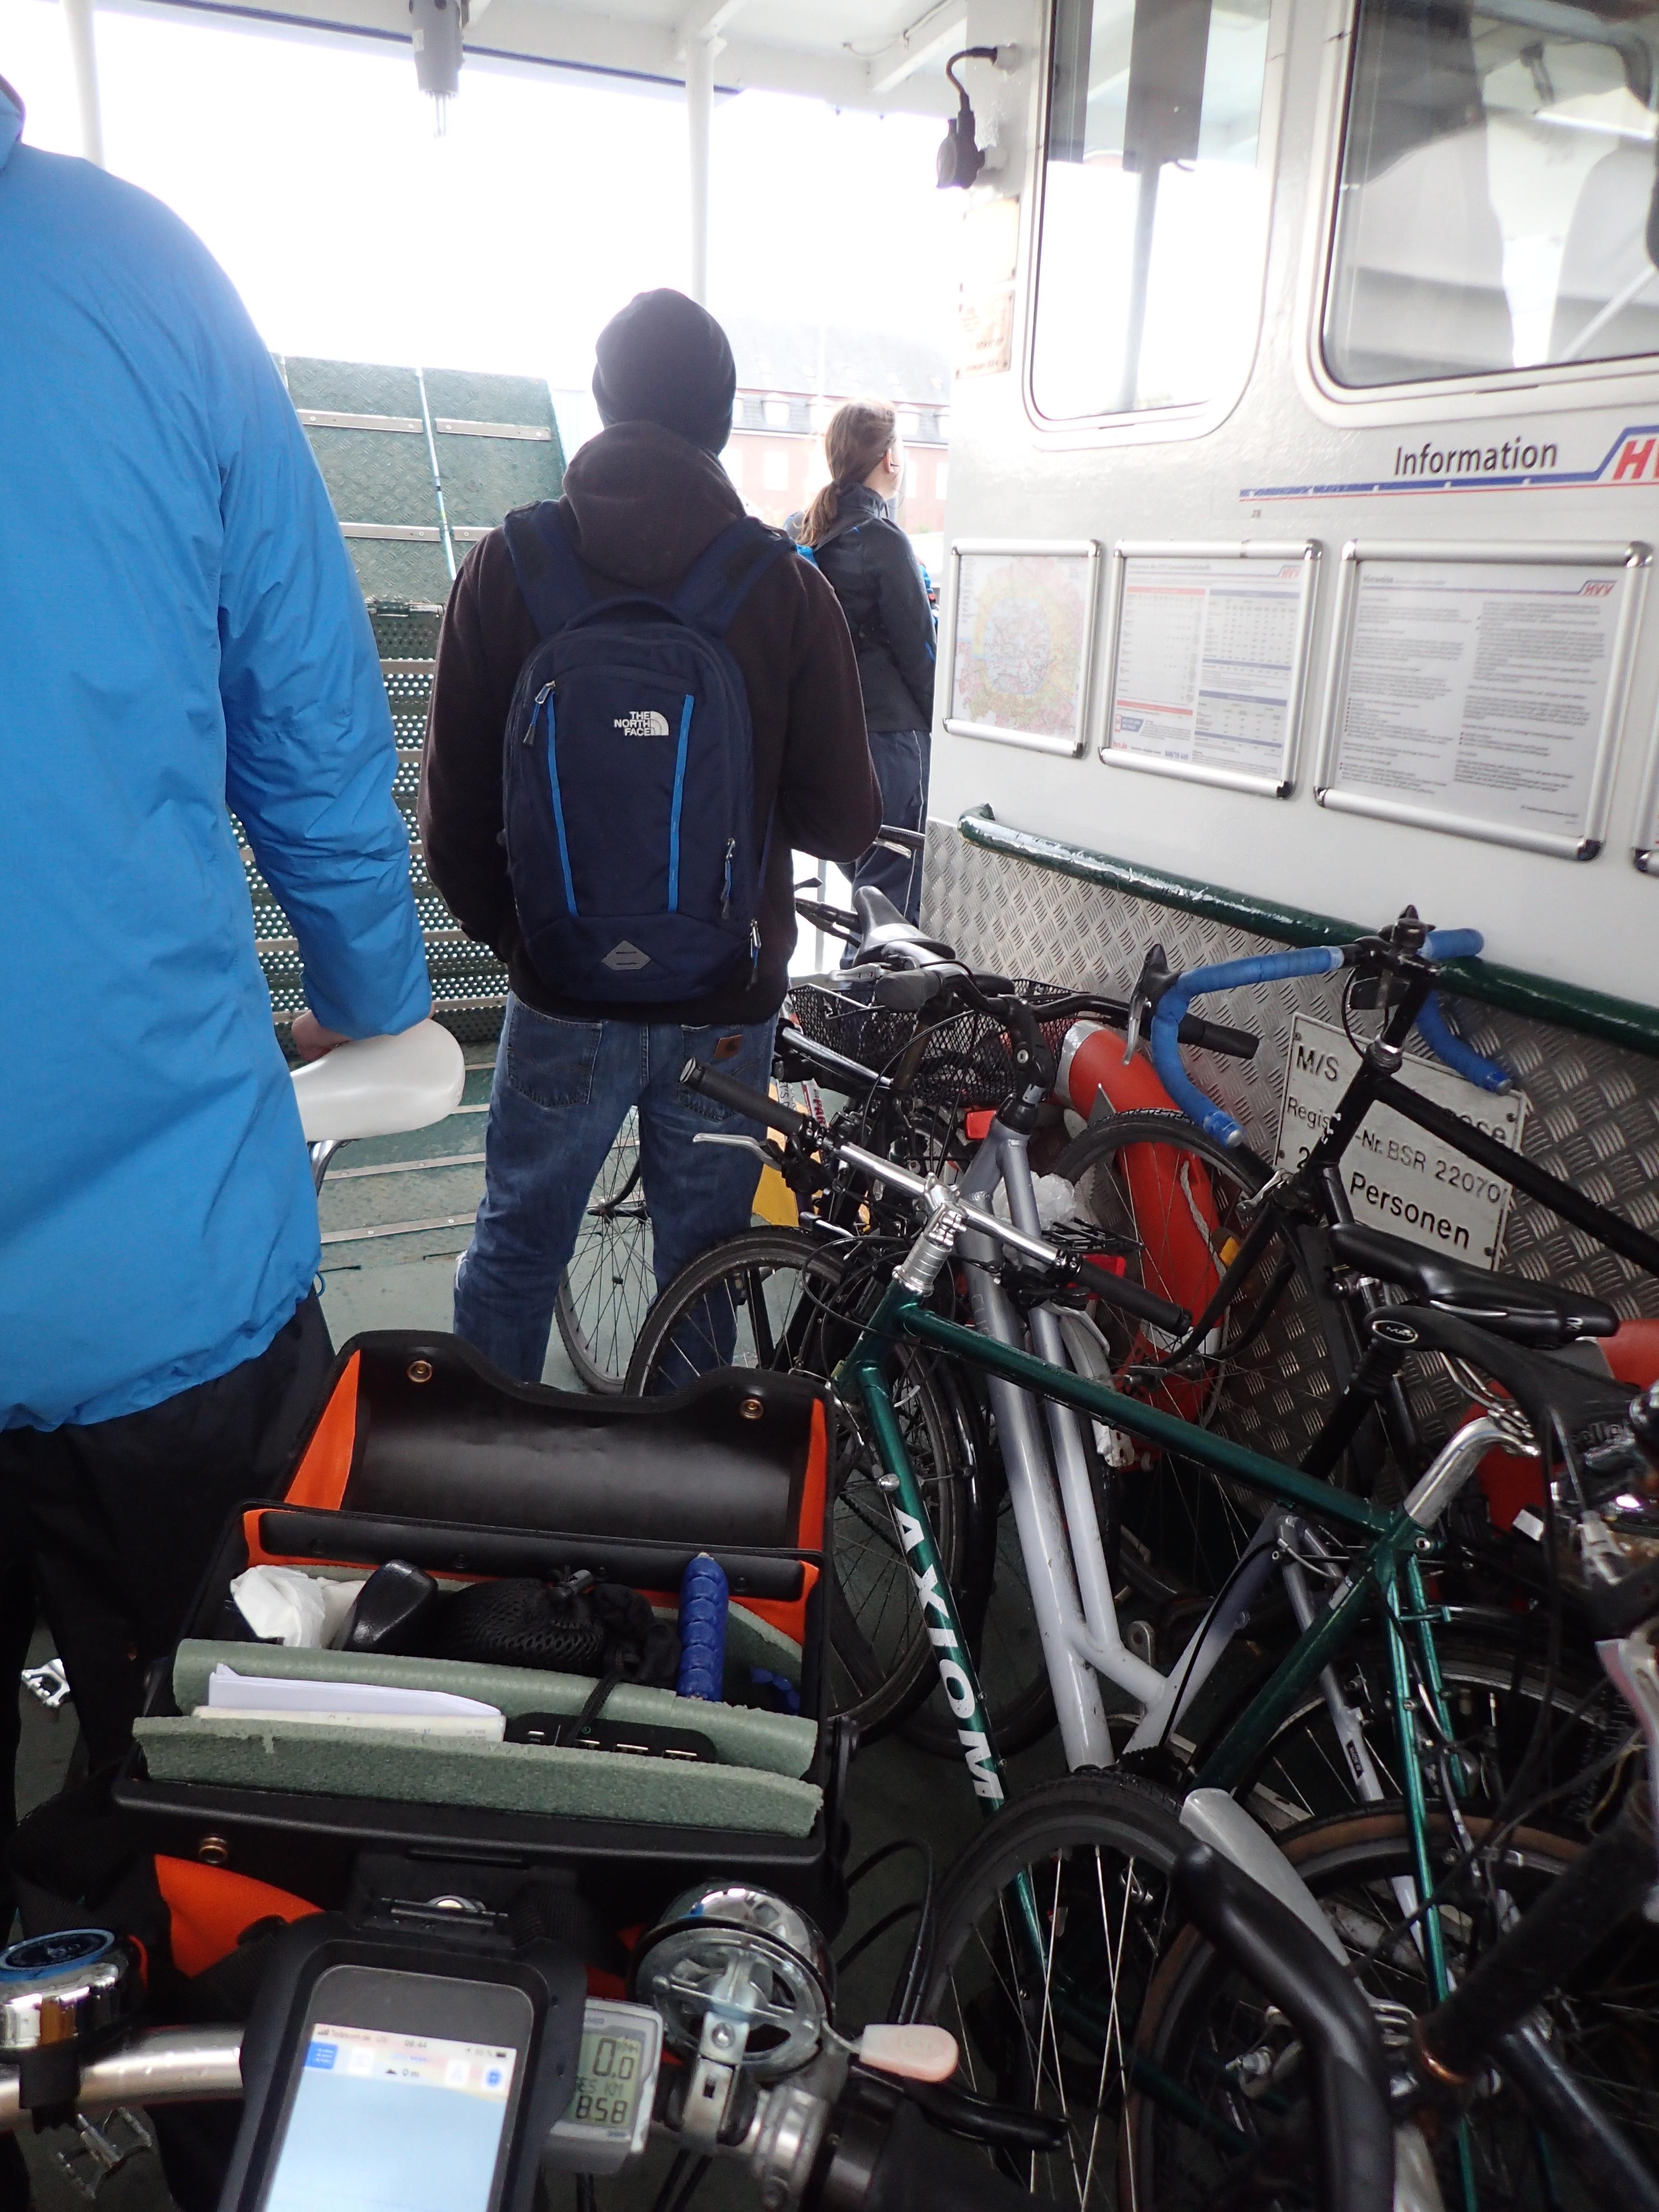 ein kleiner Teil der 15 Fahrräder auf der Fähre